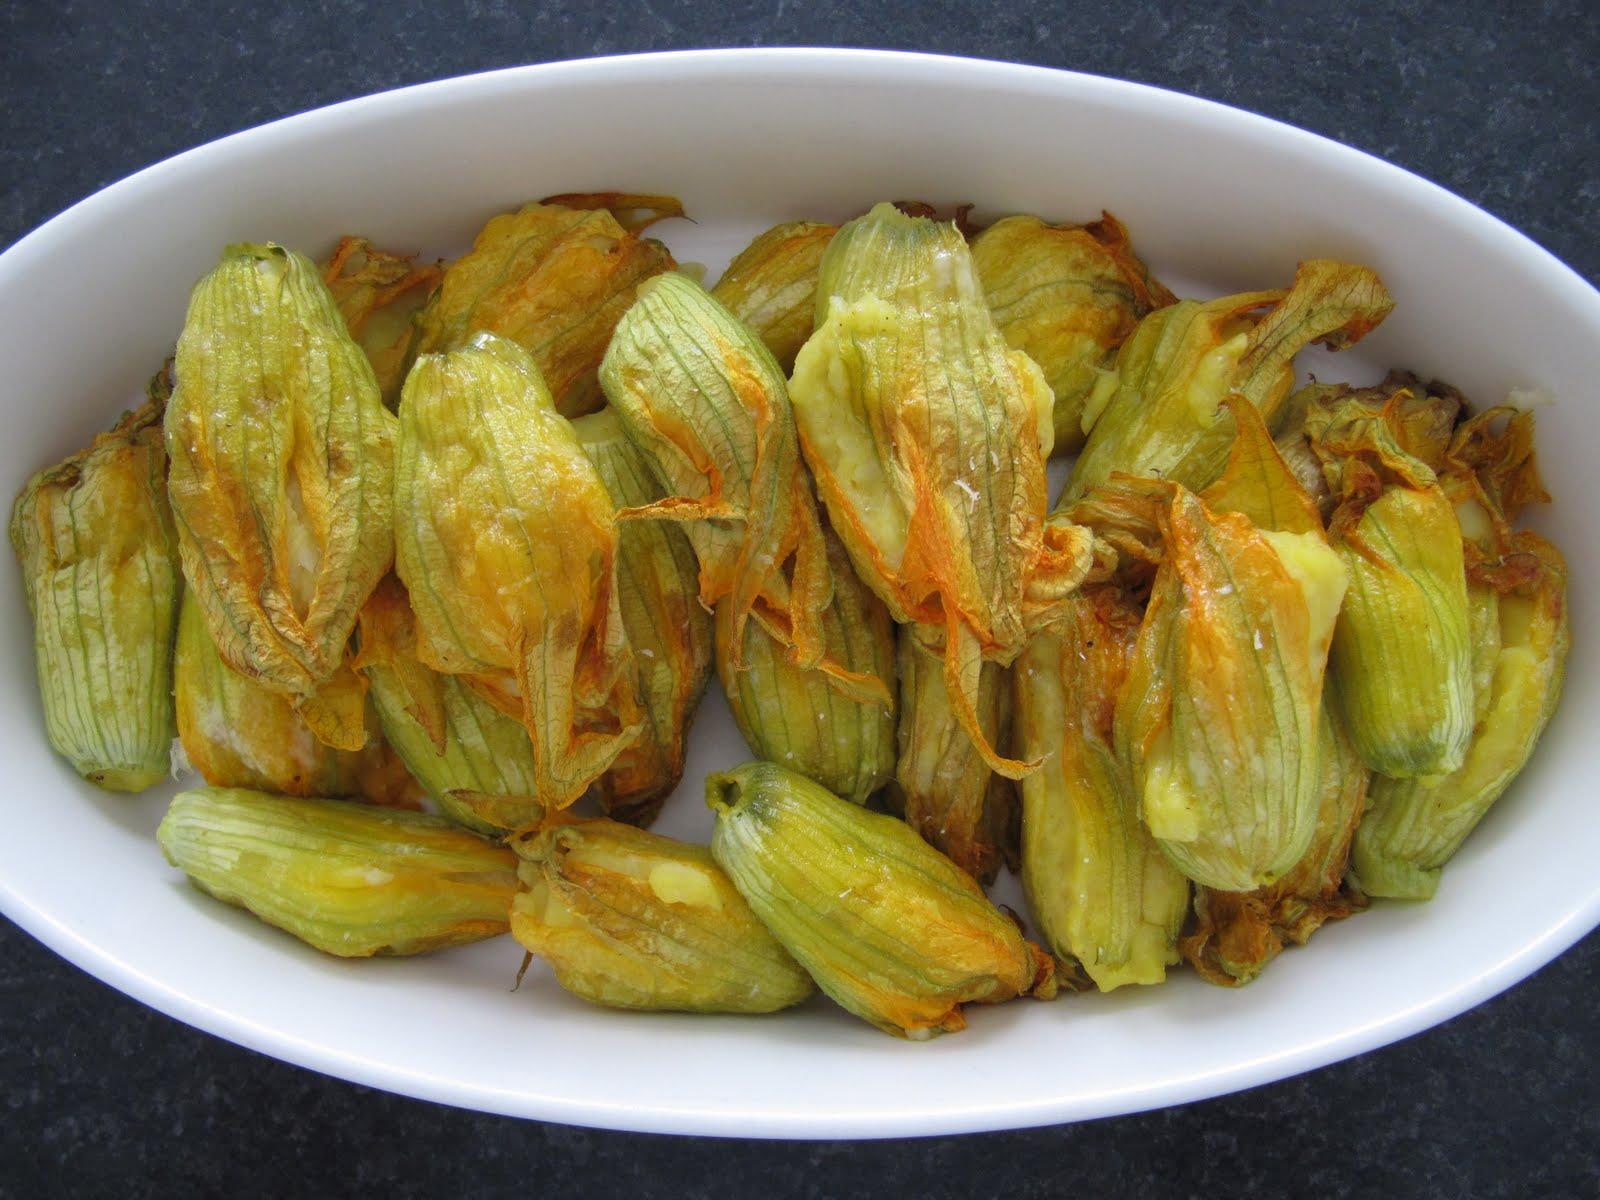 fiori di zucca ripieni varianti